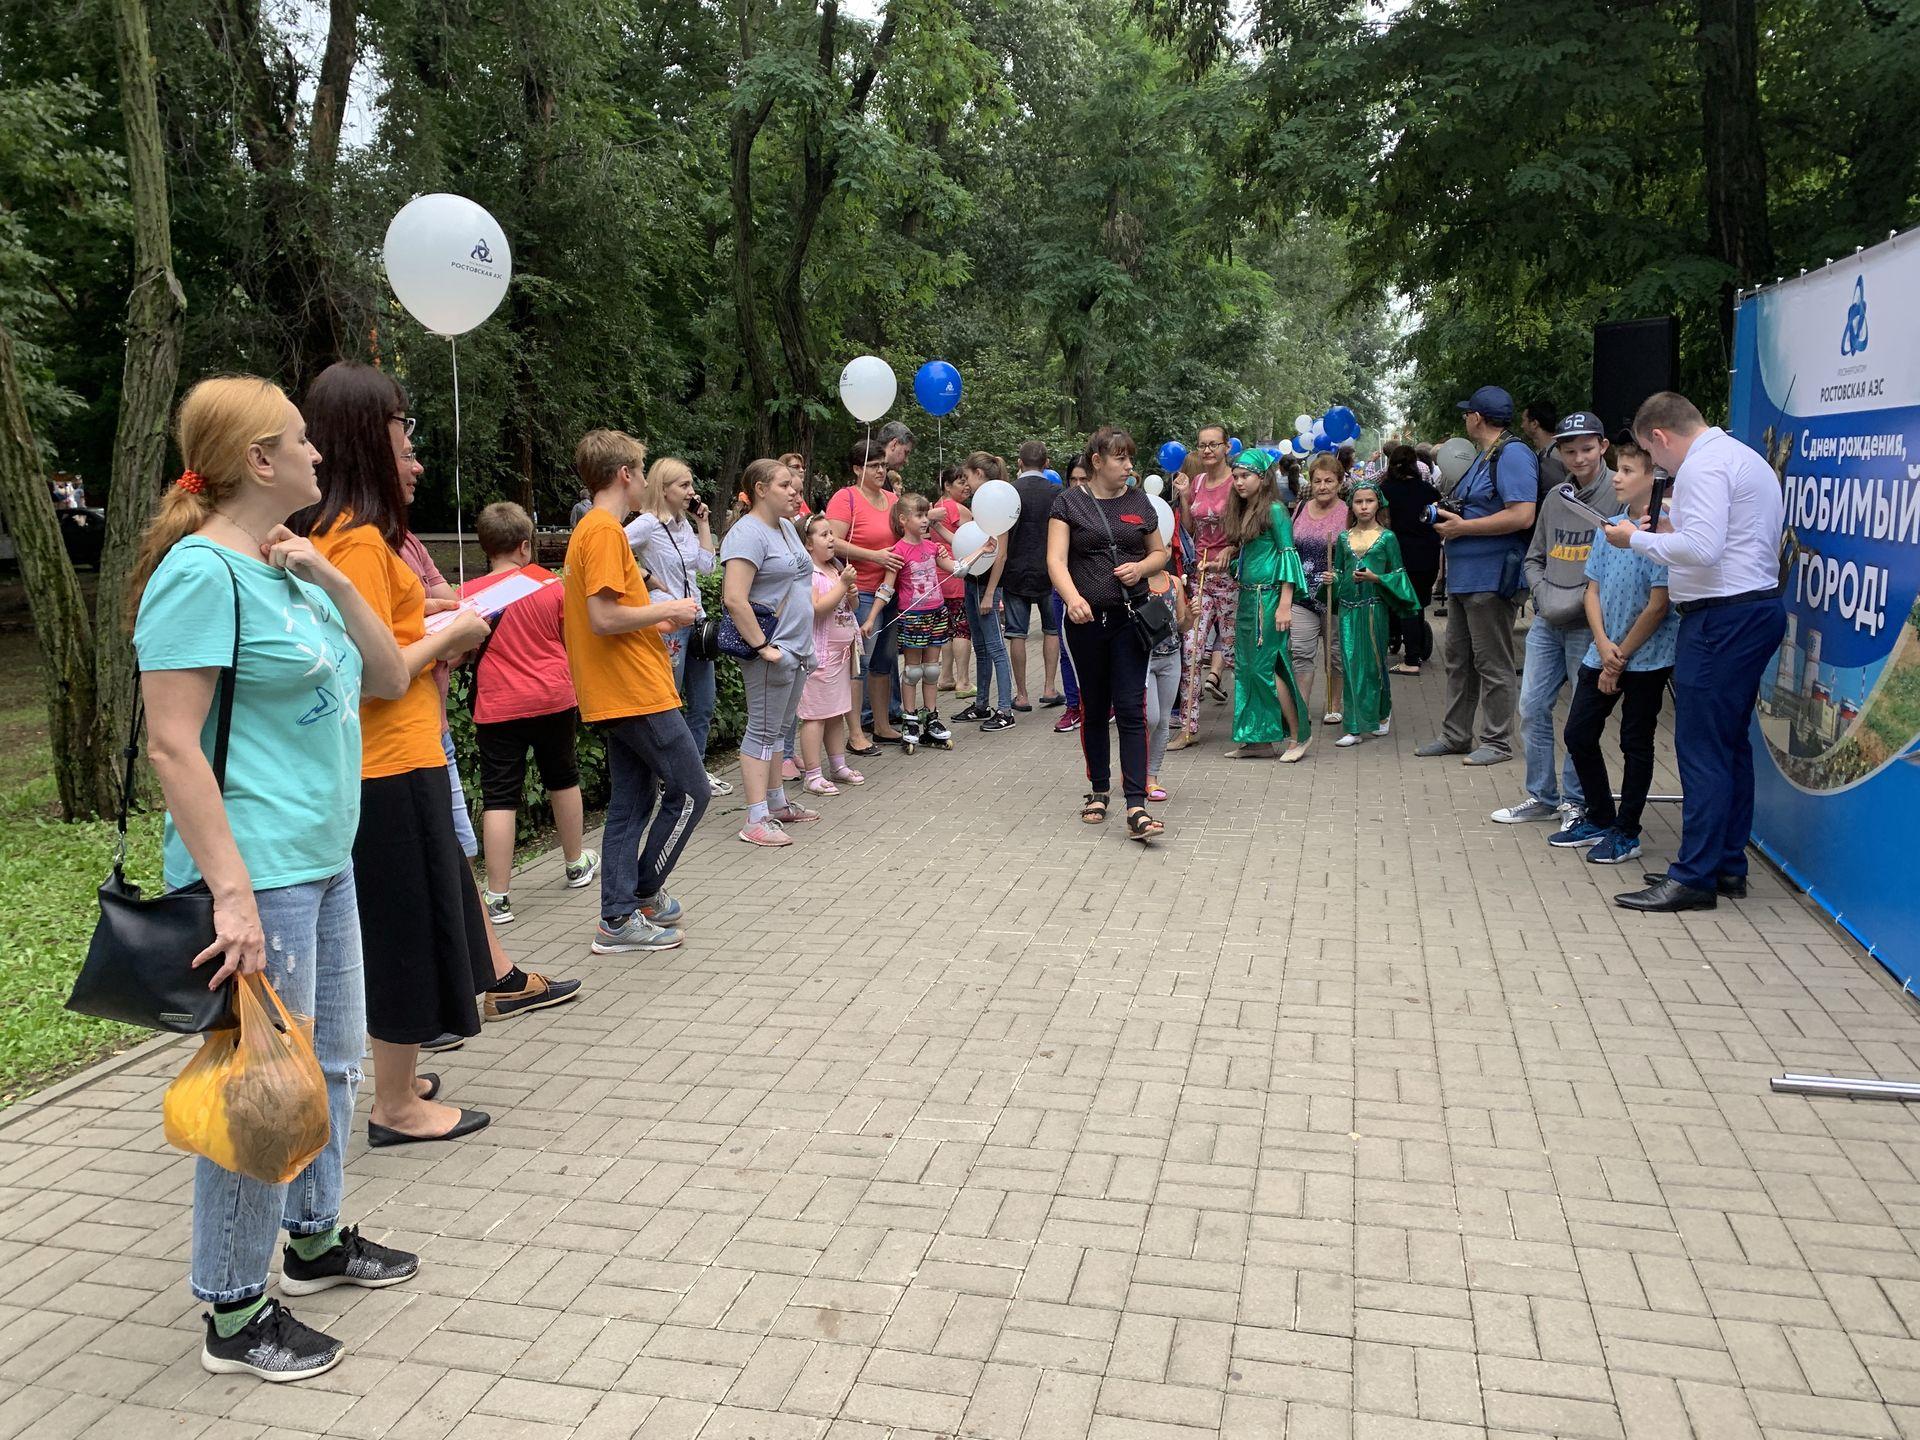 Поздравление города волгодонска с днем города